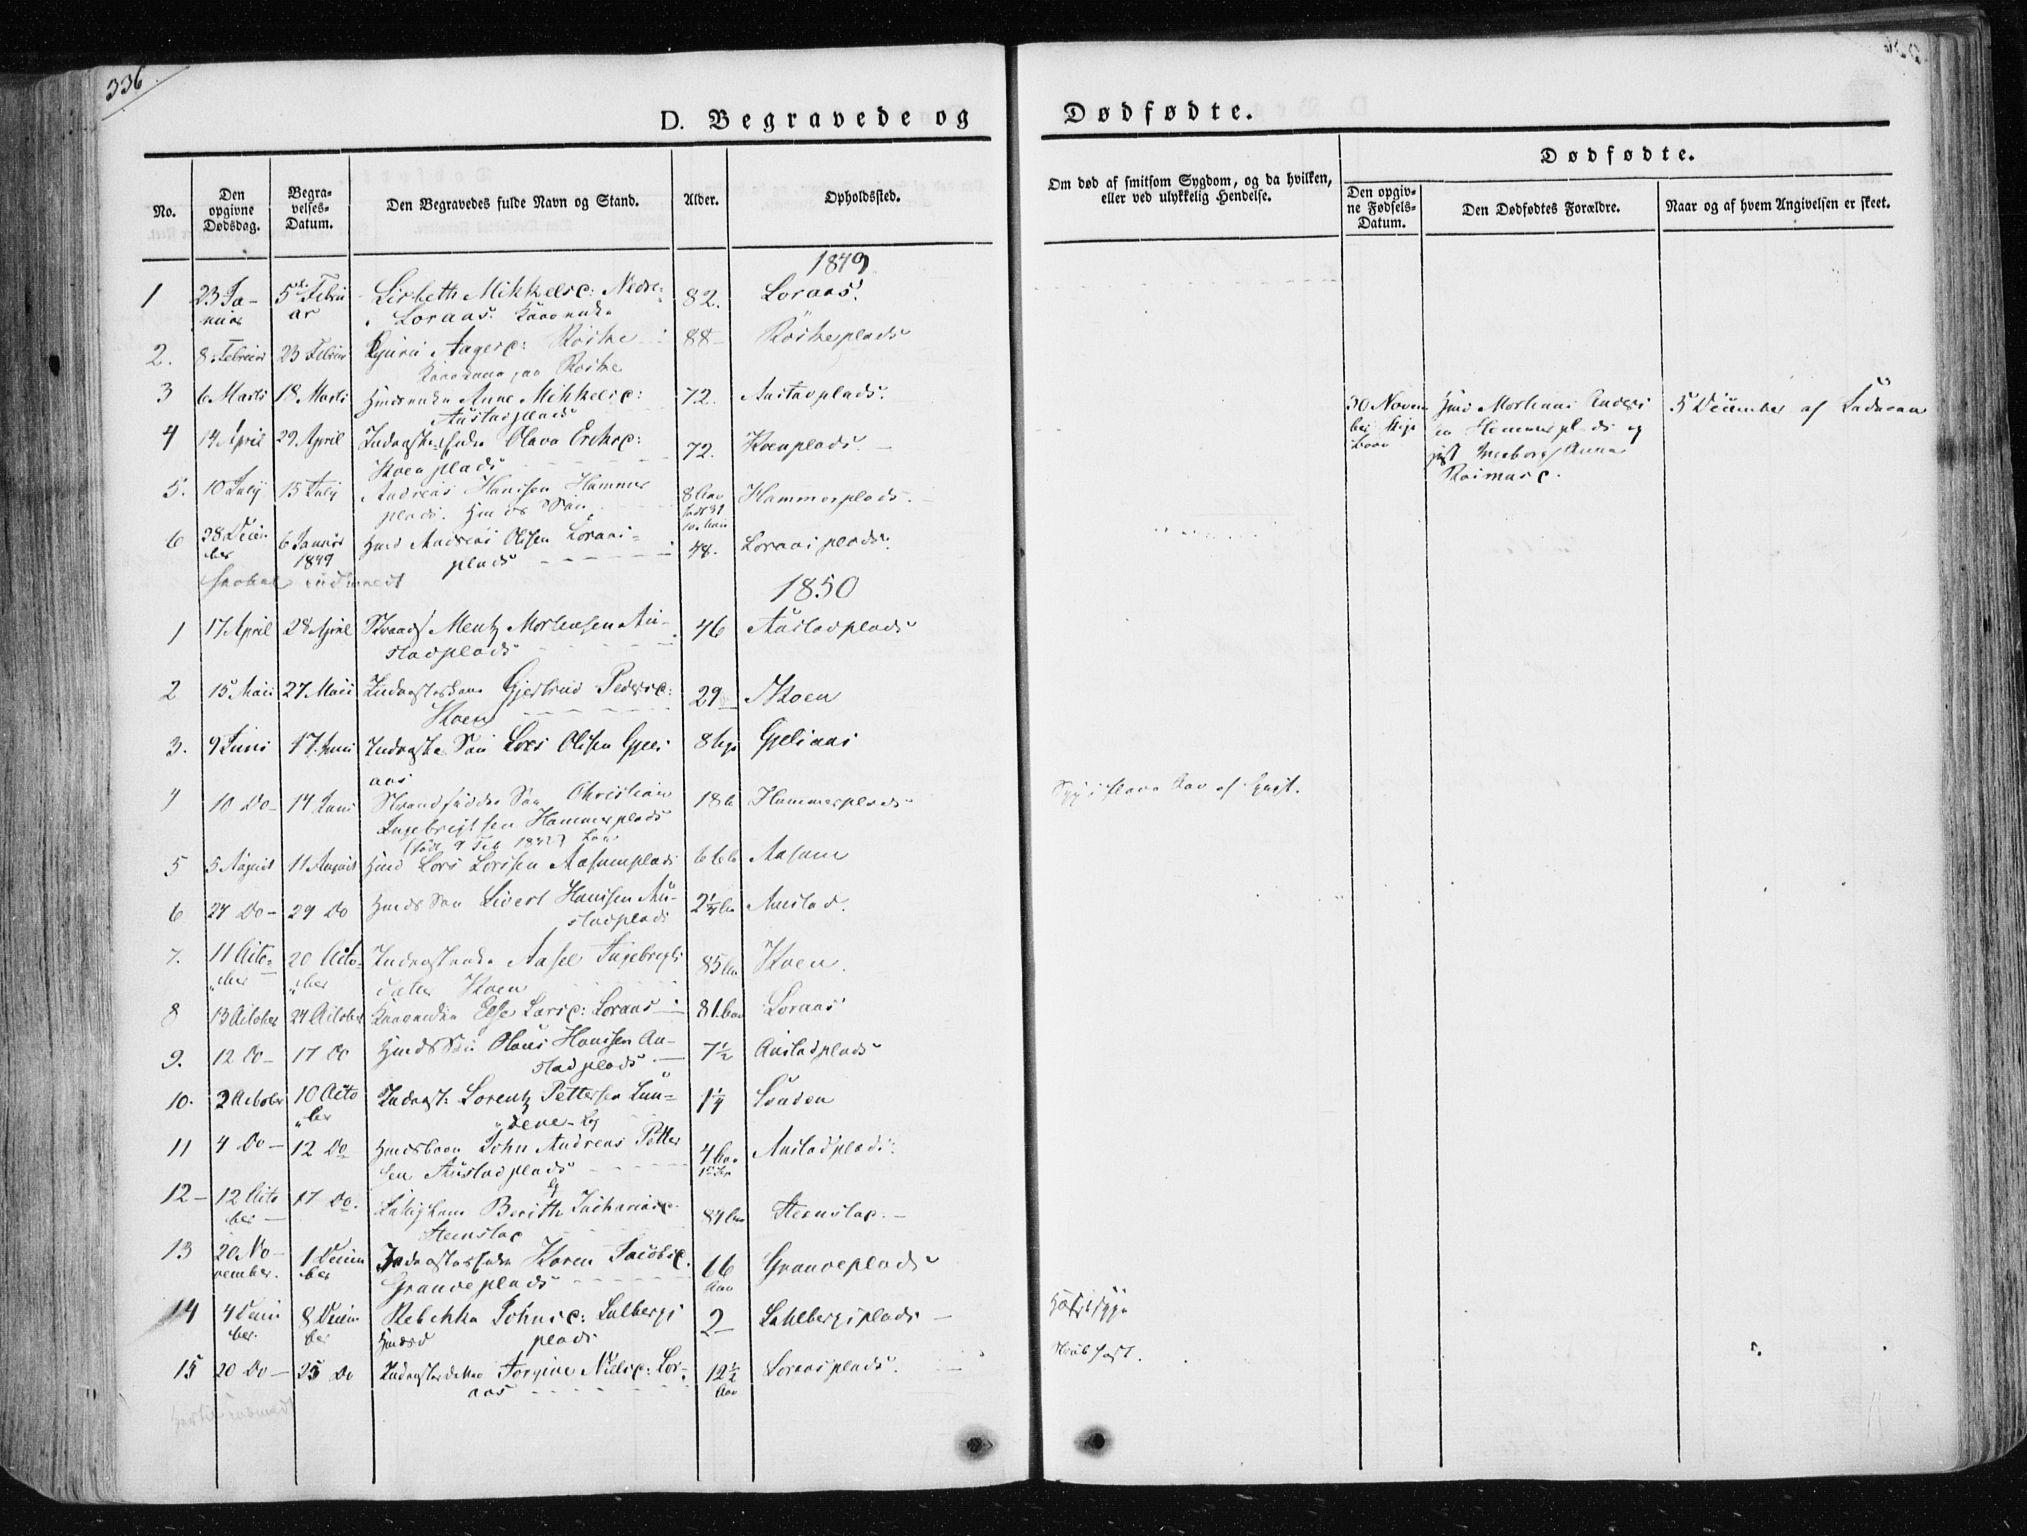 SAT, Ministerialprotokoller, klokkerbøker og fødselsregistre - Nord-Trøndelag, 730/L0280: Ministerialbok nr. 730A07 /2, 1840-1854, s. 326